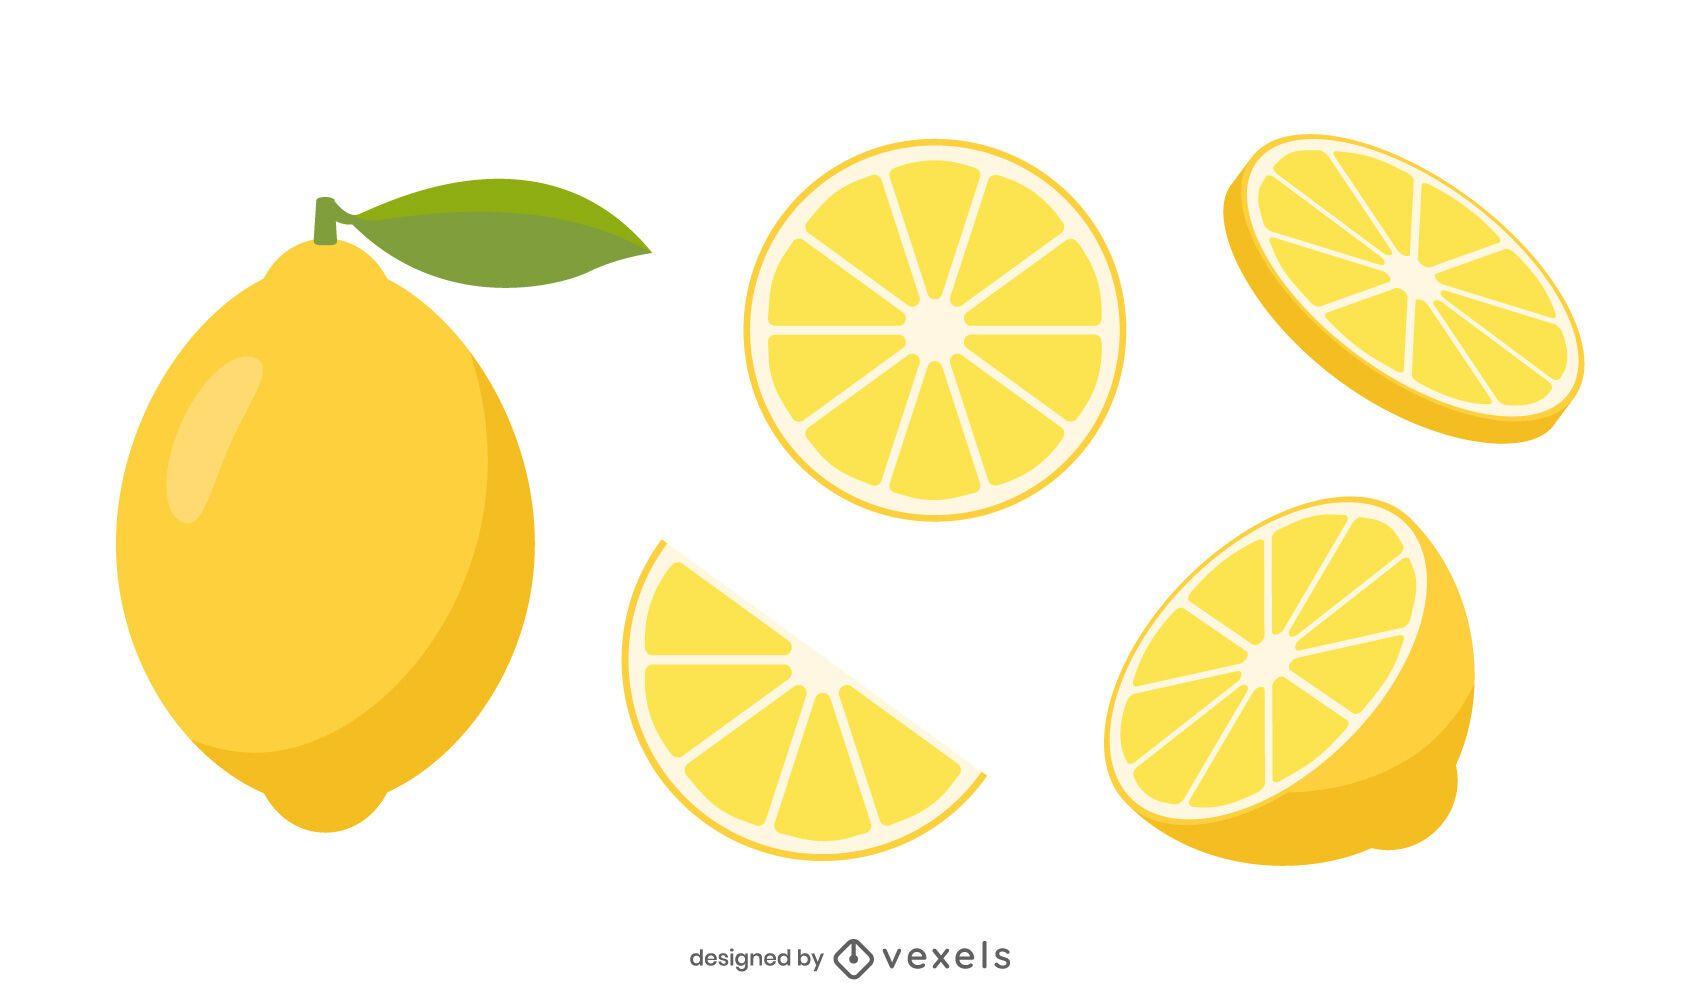 Lemon slices vector set